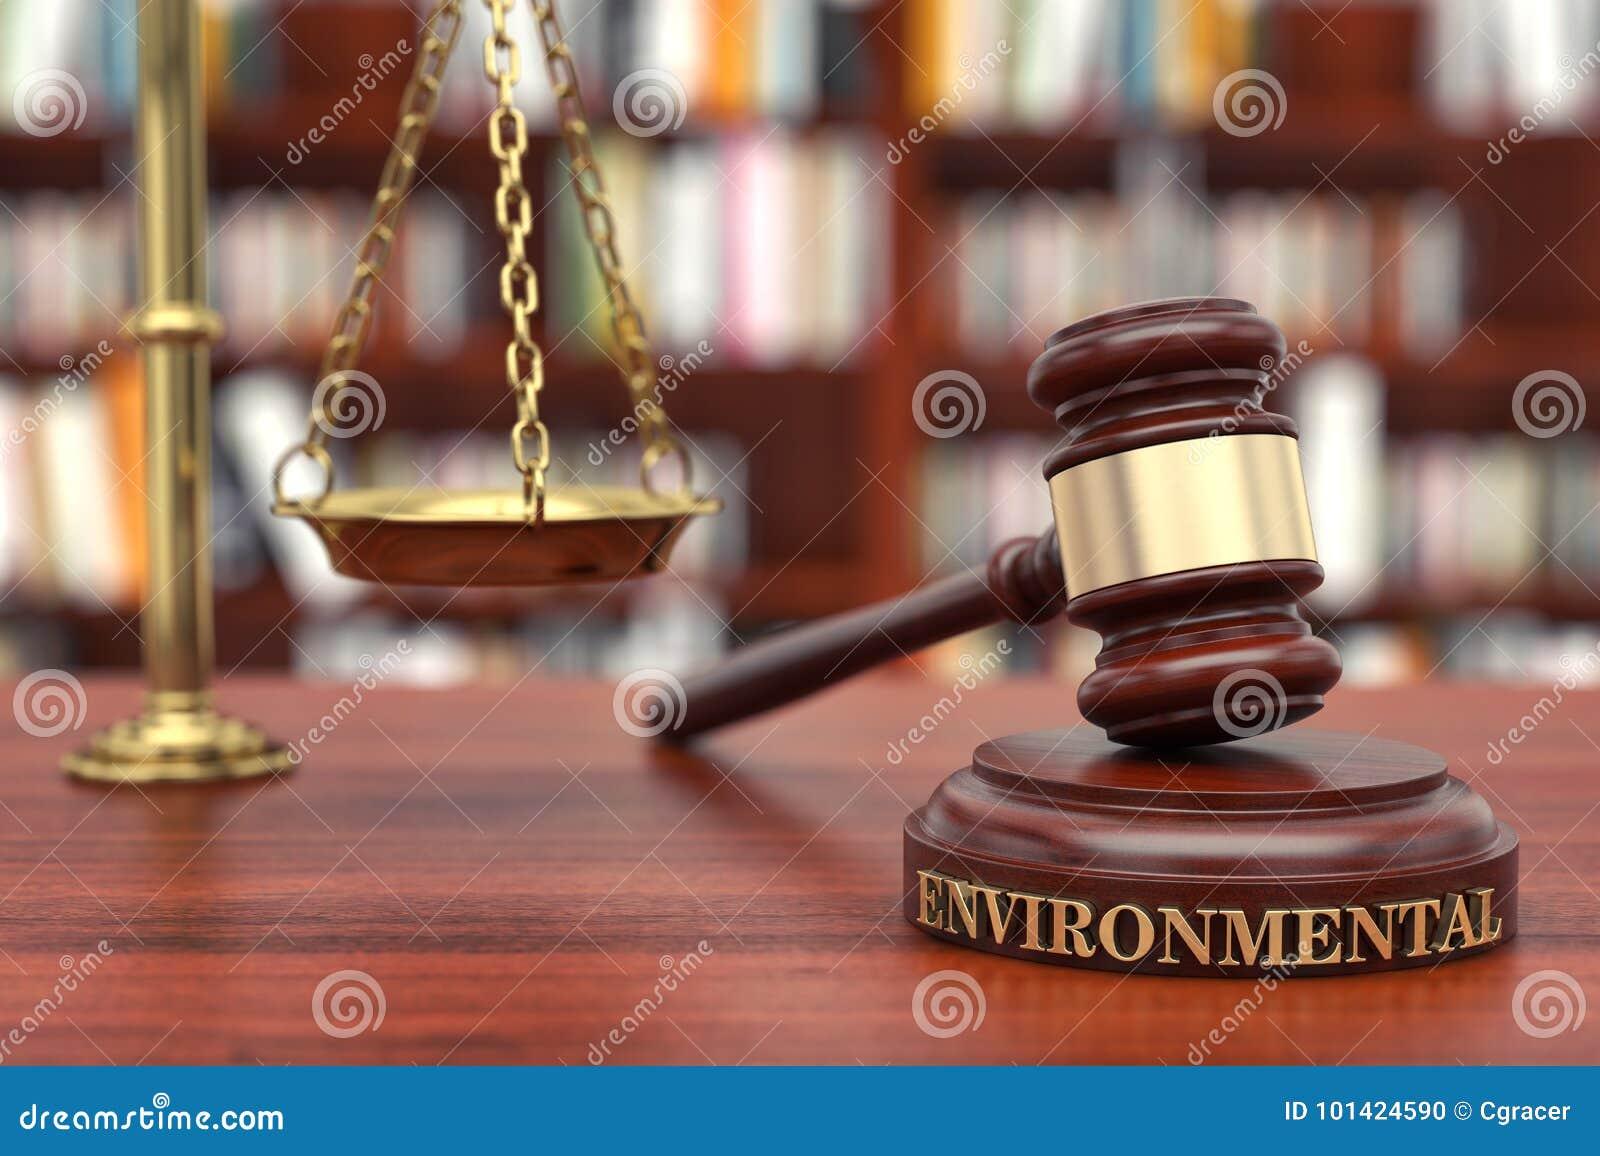 Lei ambiental